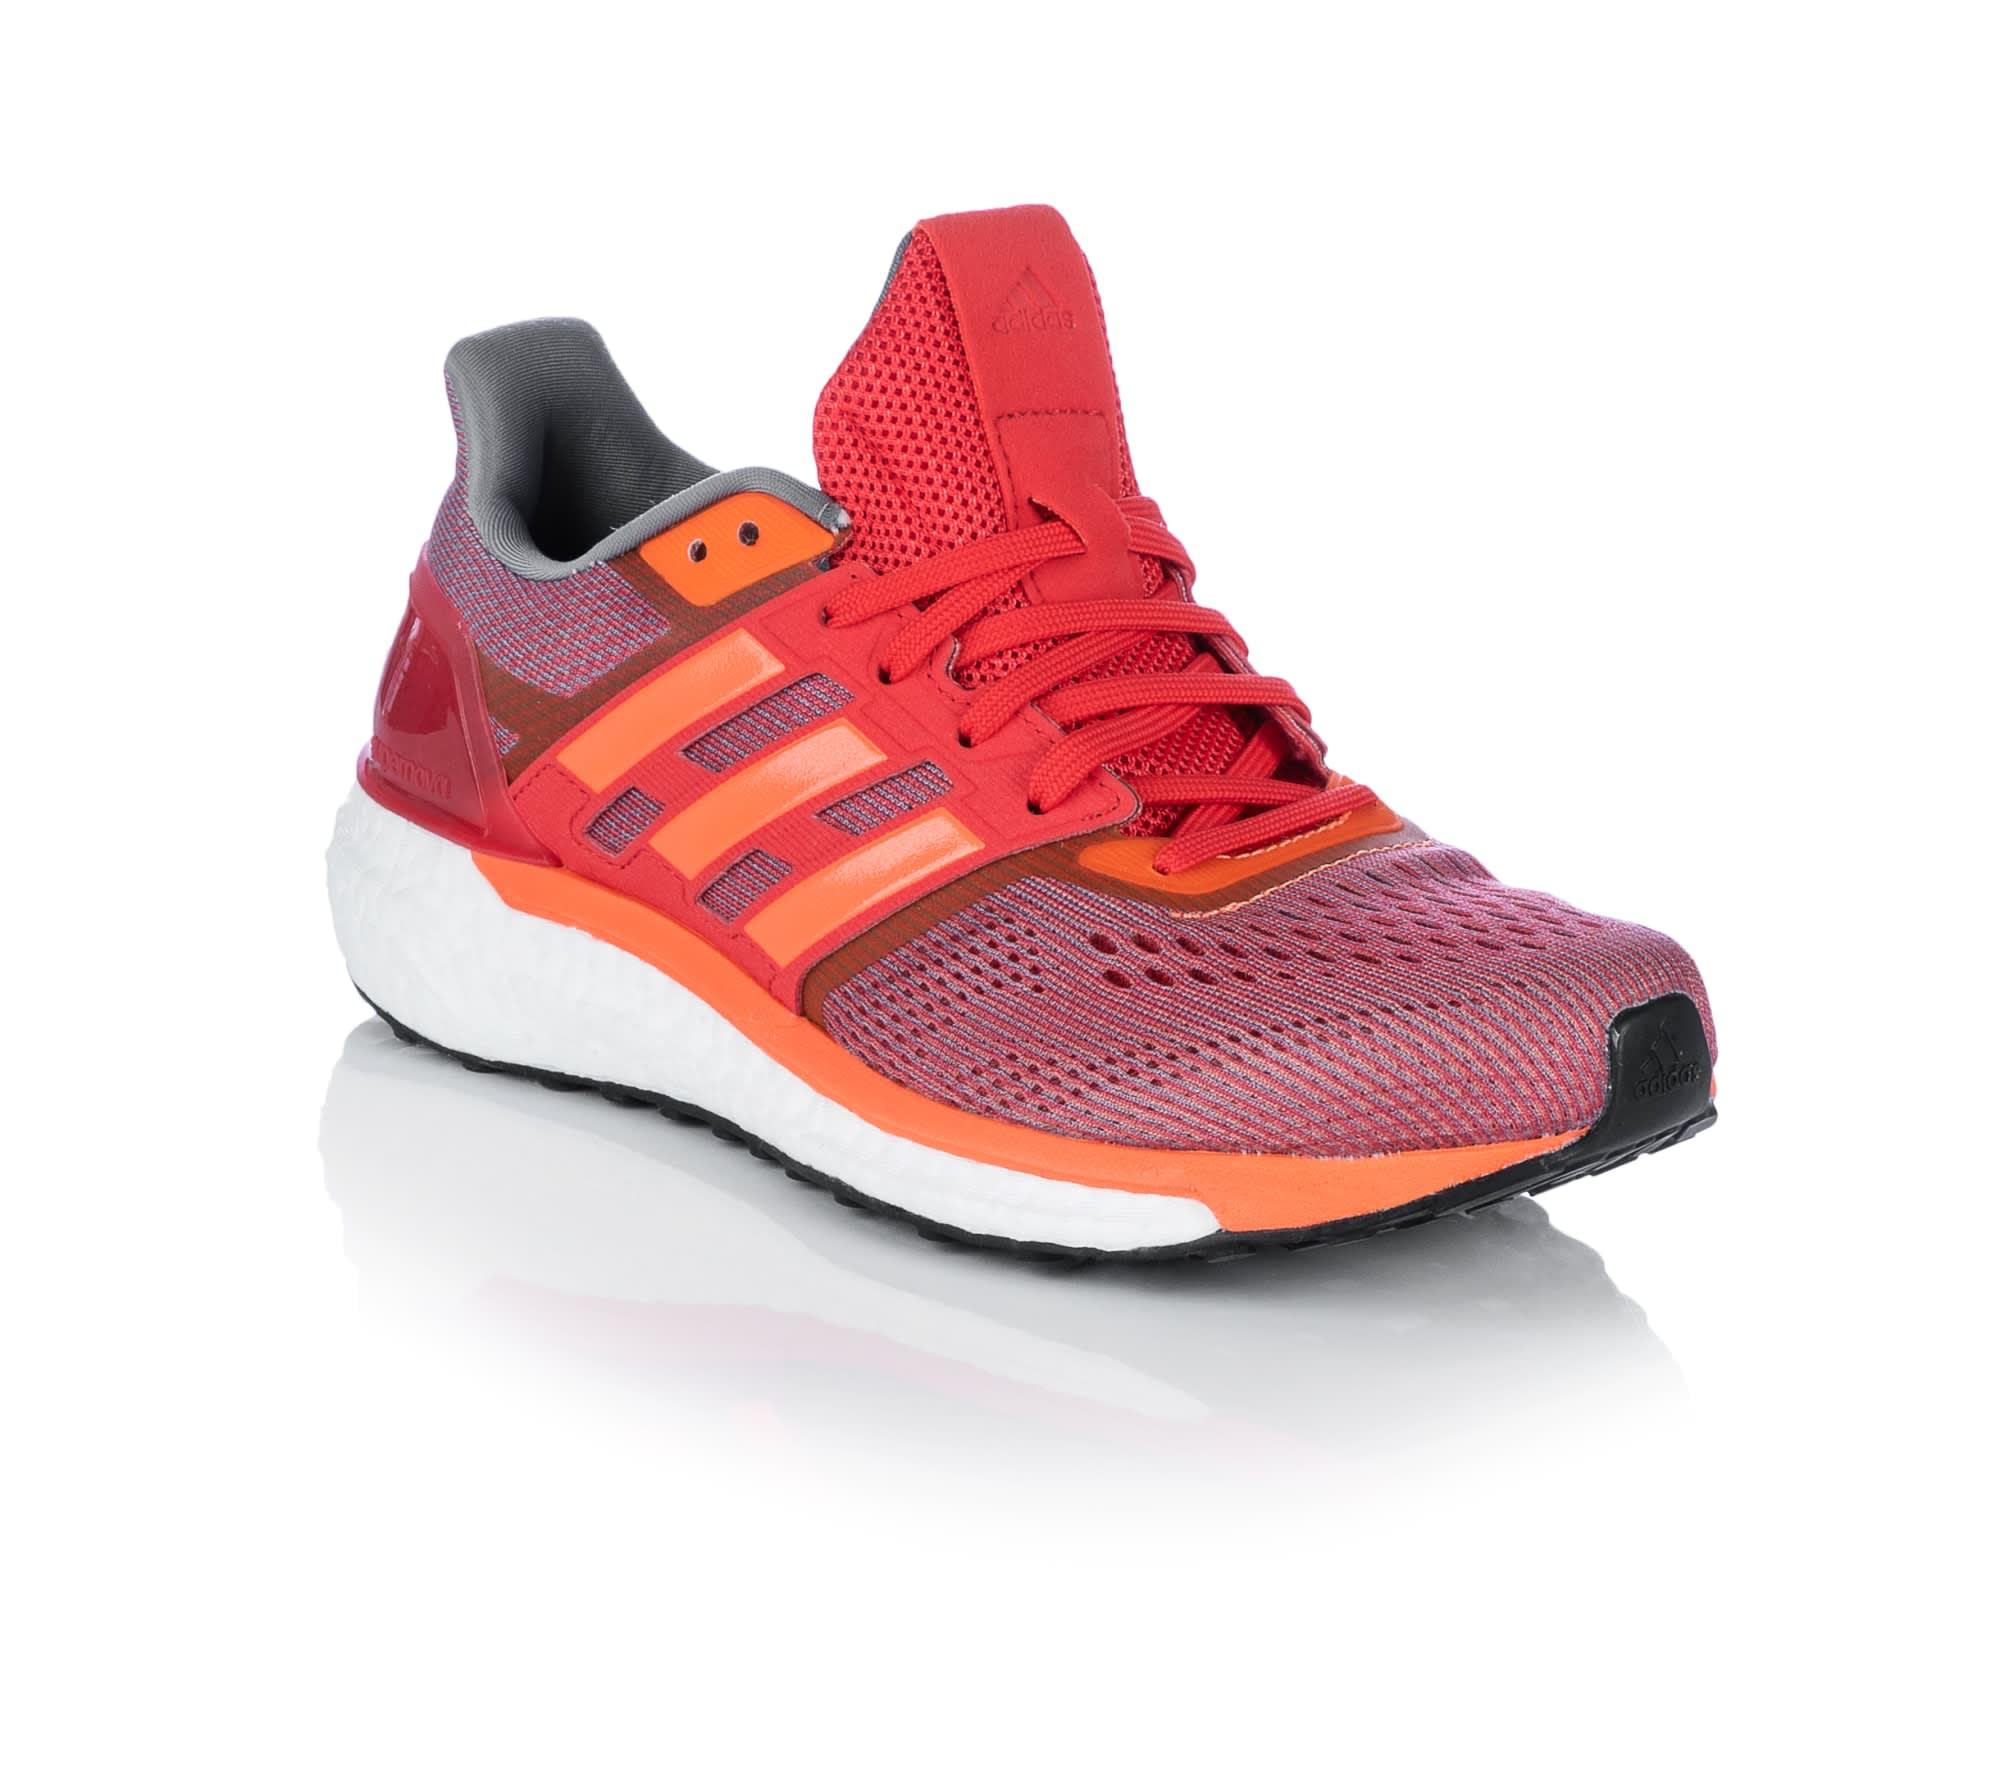 Adidas Juoksukengät Verkkokauppa Naisten Adidas Supernova